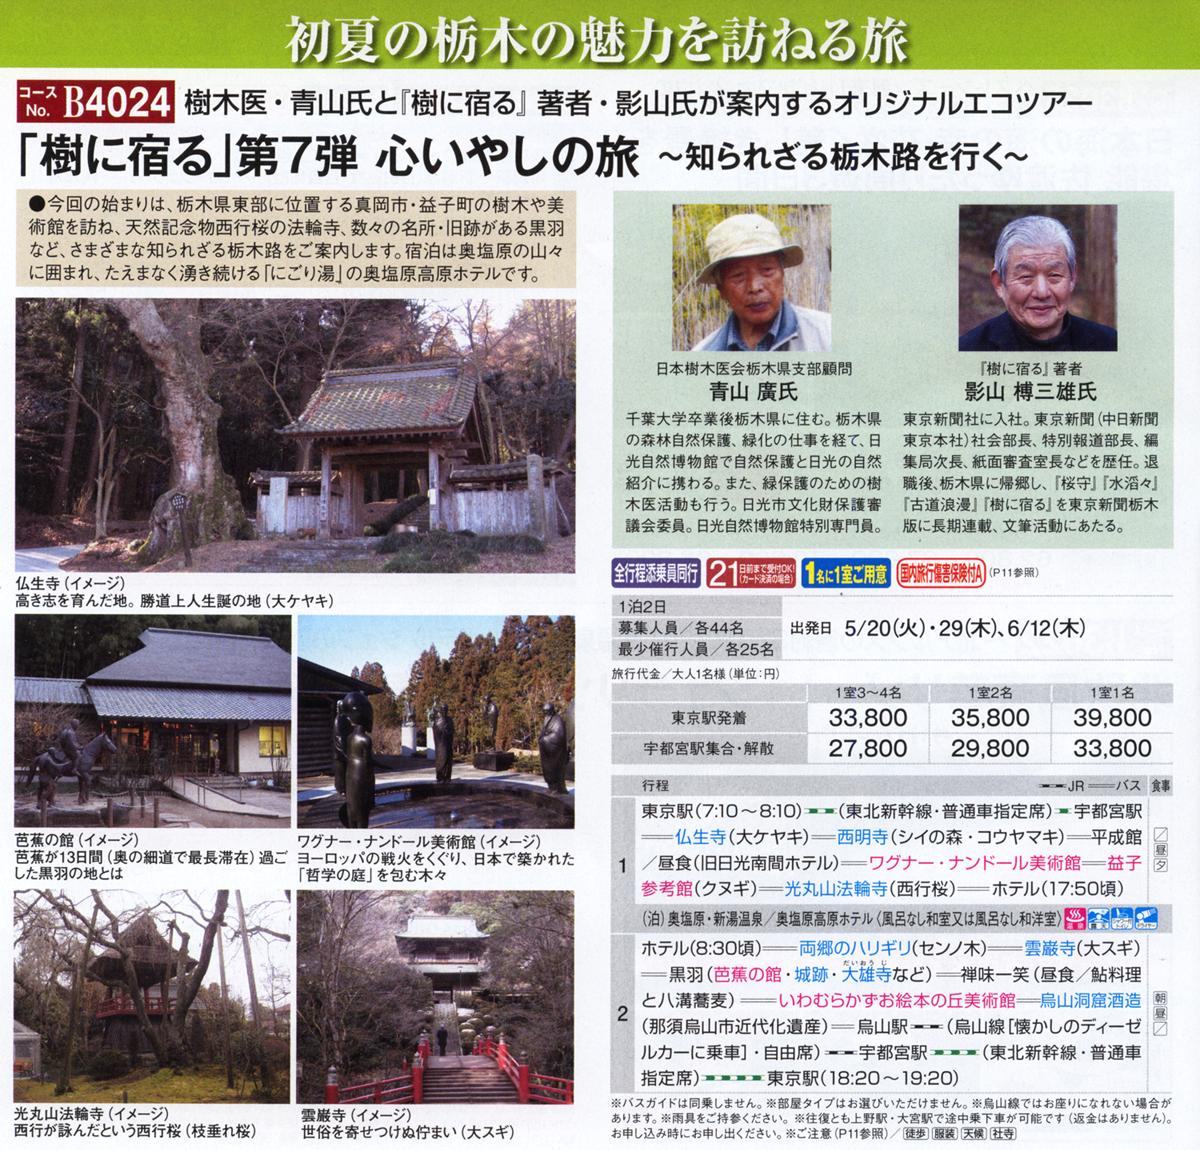 2014JR東日本樹に宿る第7弾心いやしの旅